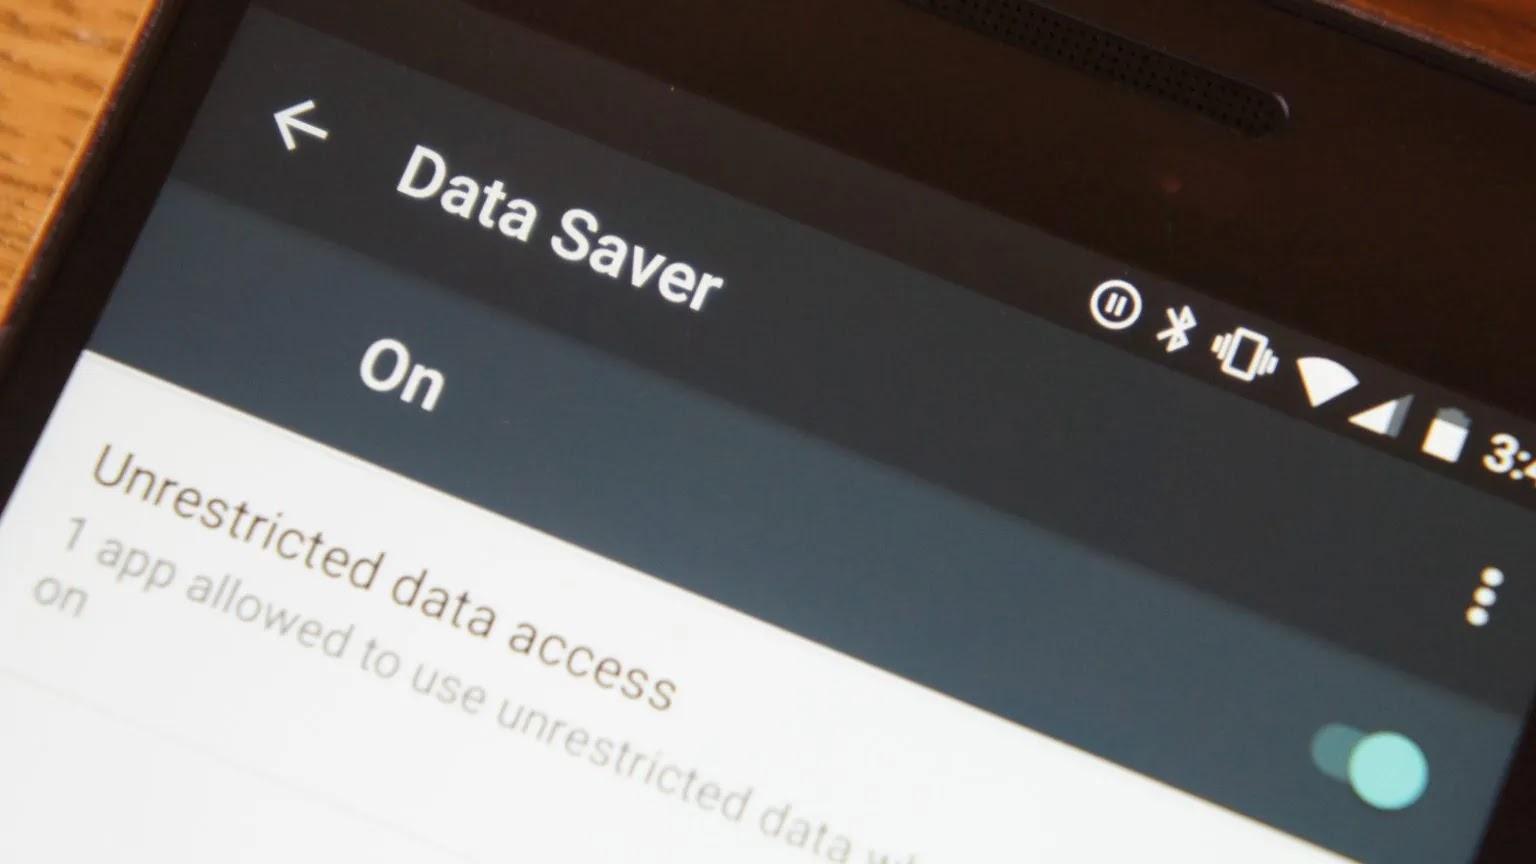 كيفية حفظ بيانات الجوال على هاتفك الذكي الذي يعمل بنظام Android